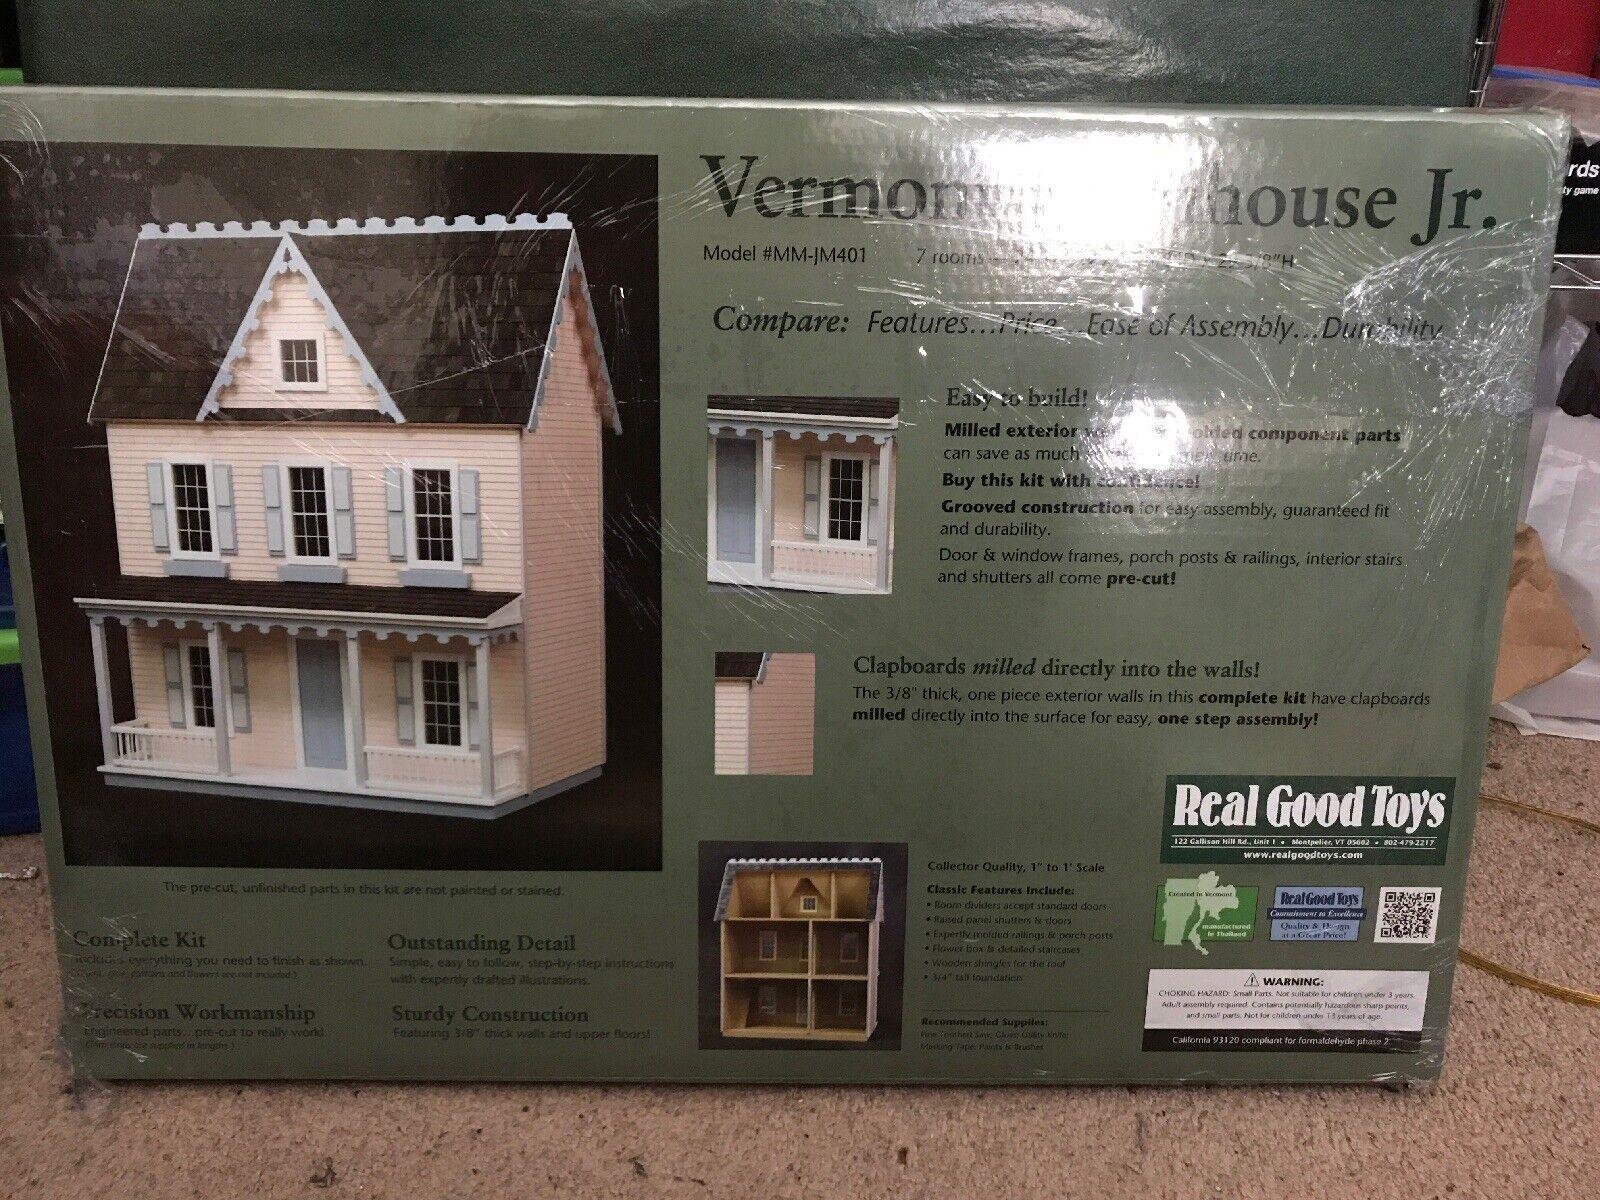 Vermont Granja Jr. casa De Muñecas, Modelo  MM-JM401 por Real Good Toys, Nuevo En Caja